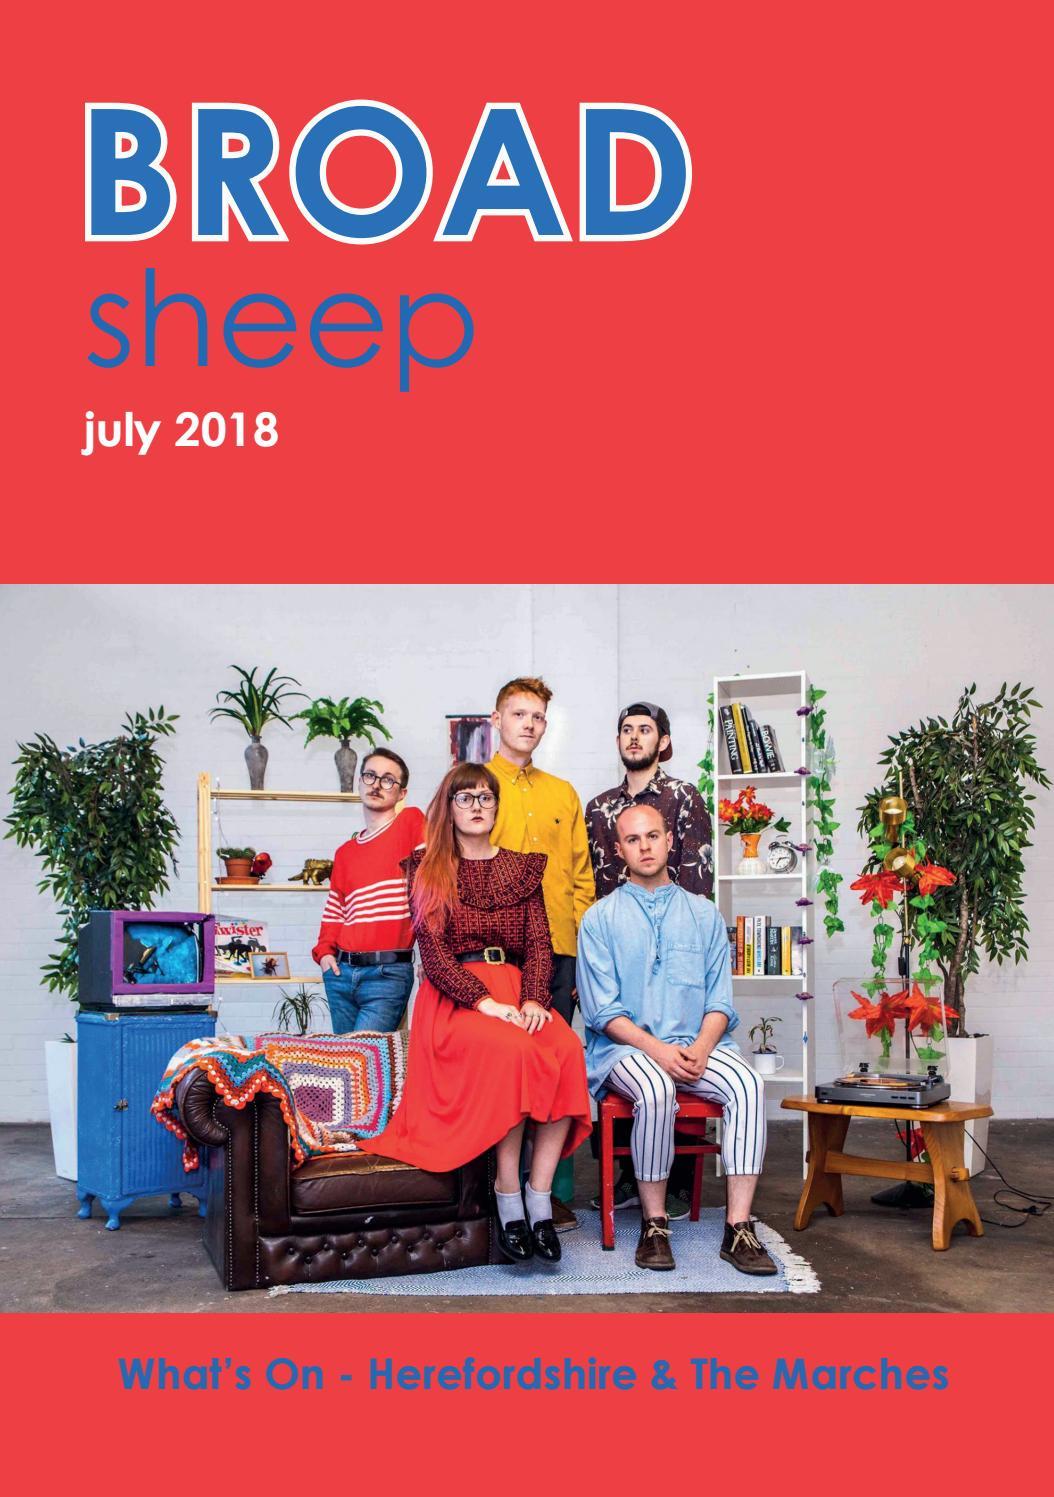 a86307df61f1 Broad sheep July 2018 by Broadsheep - issuu